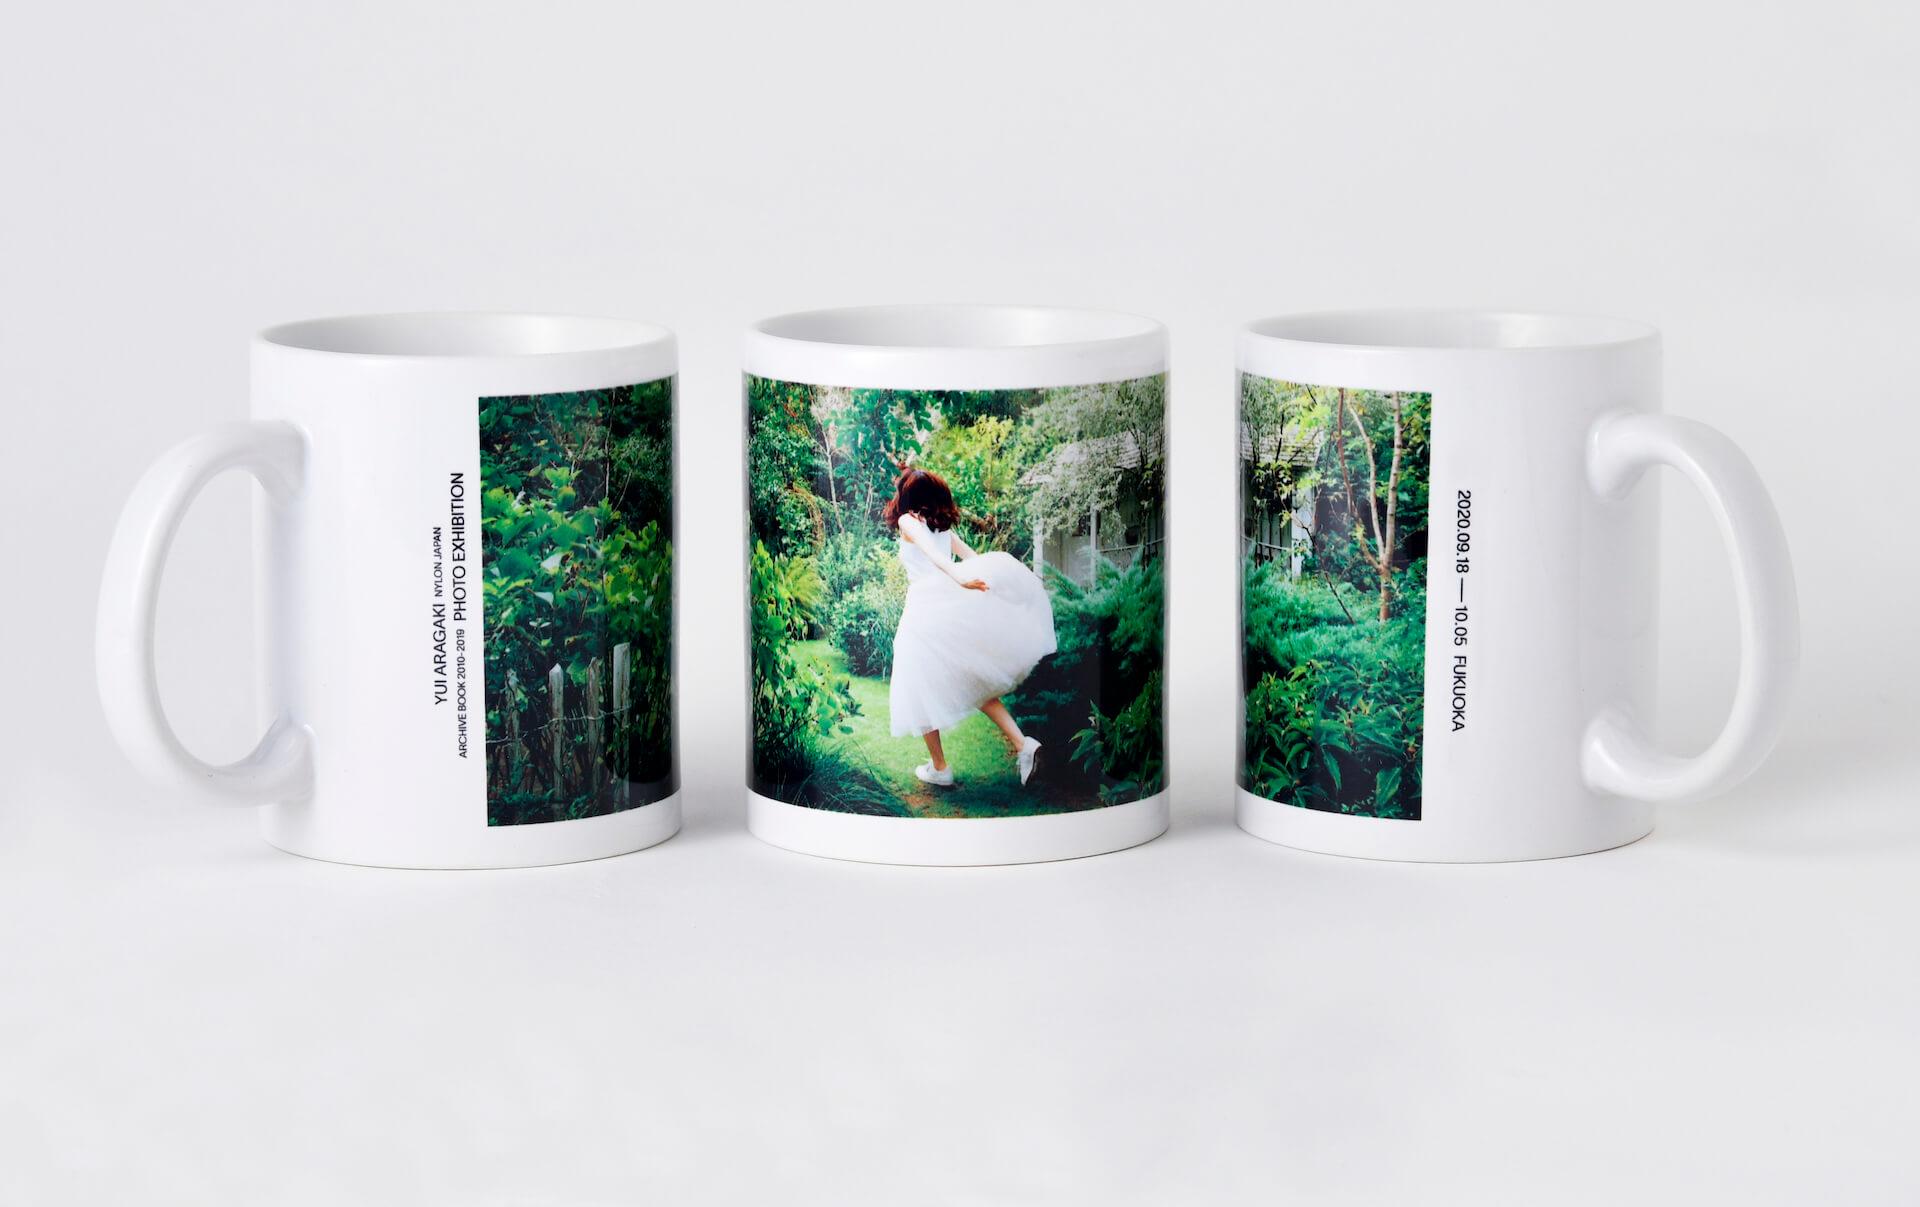 新垣結衣のNYLON JAPANでの軌跡を追った写真展が福岡、札幌、広島のPARCOでも開催決定!ガッキーマグカップの発売も art200909_aragakiyui_10